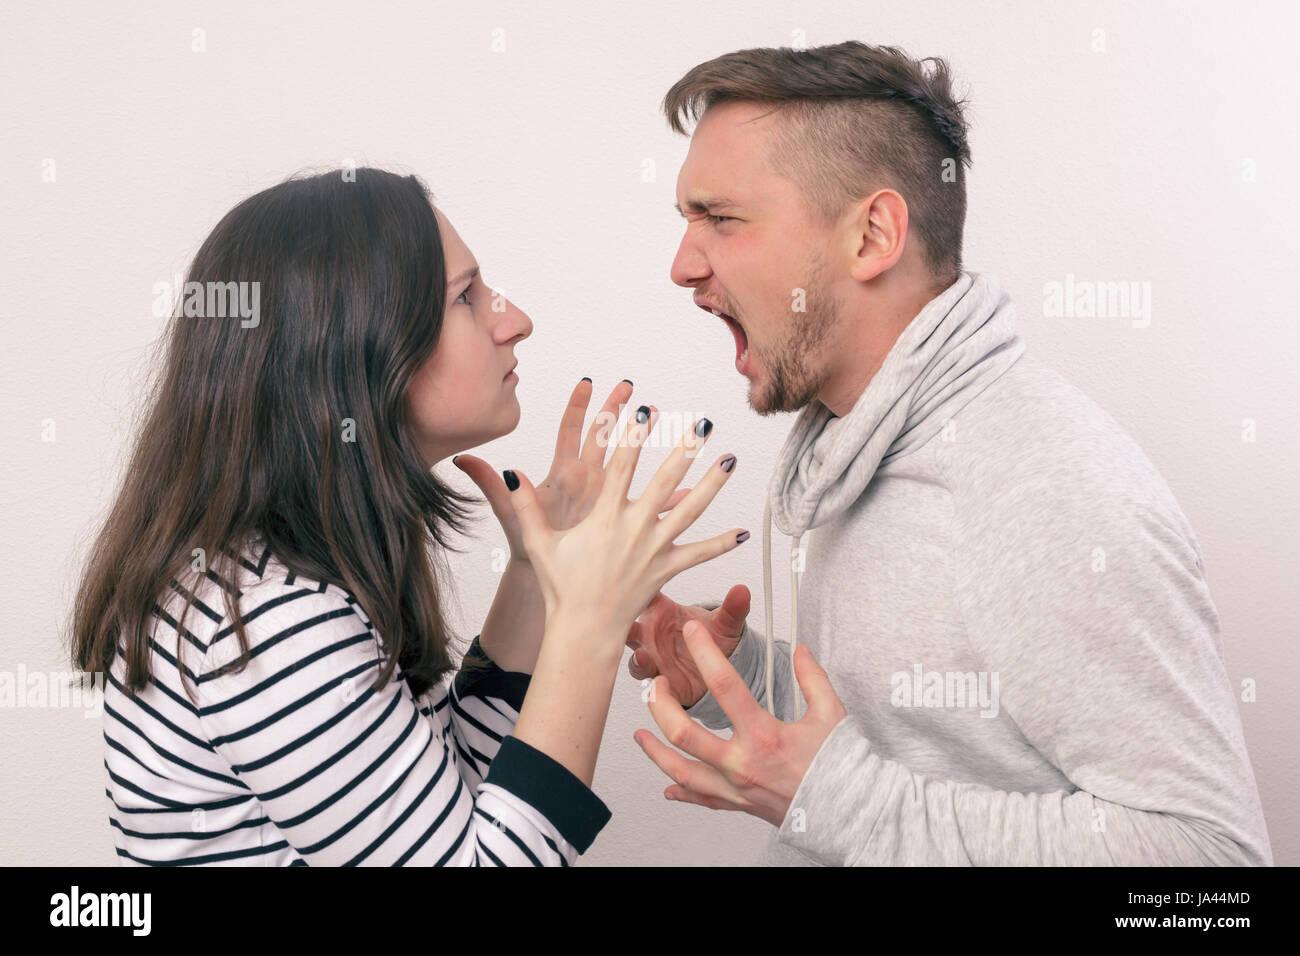 Junges Paar Liebhaber streiten. Mann und Frau einander emotional anzuschreien Stockbild